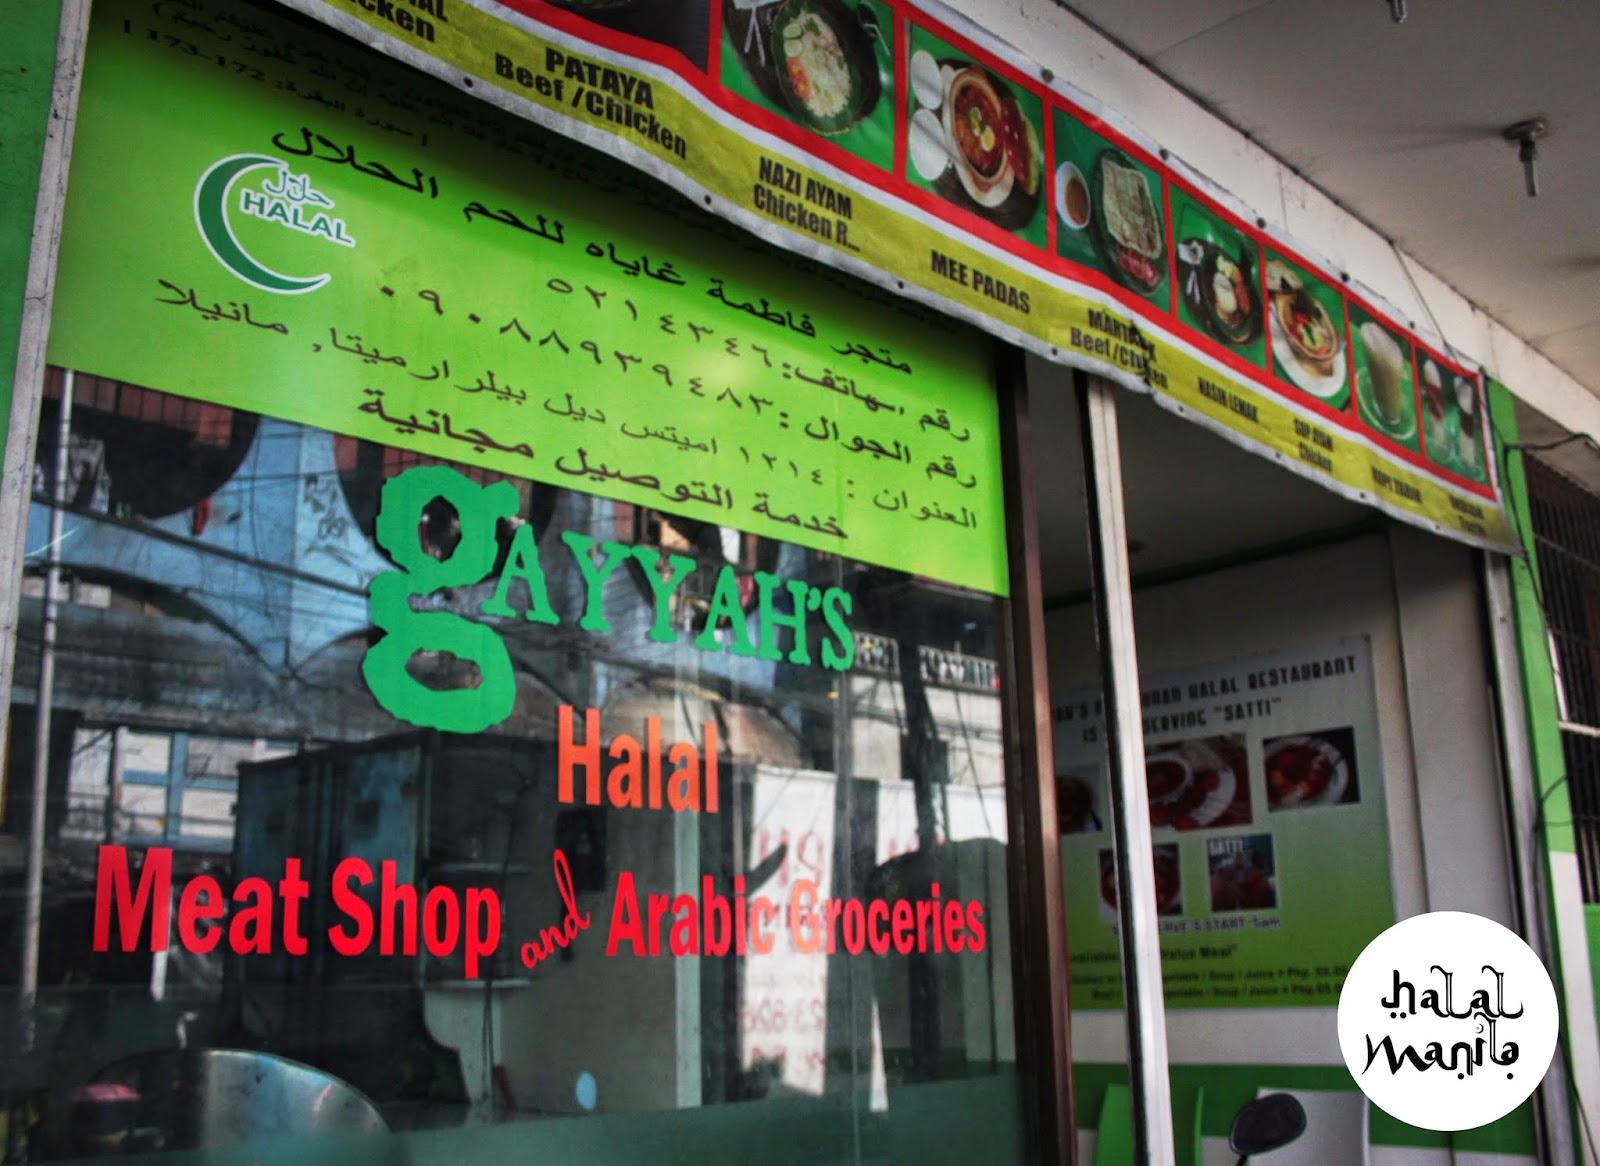 Halal food meats manila